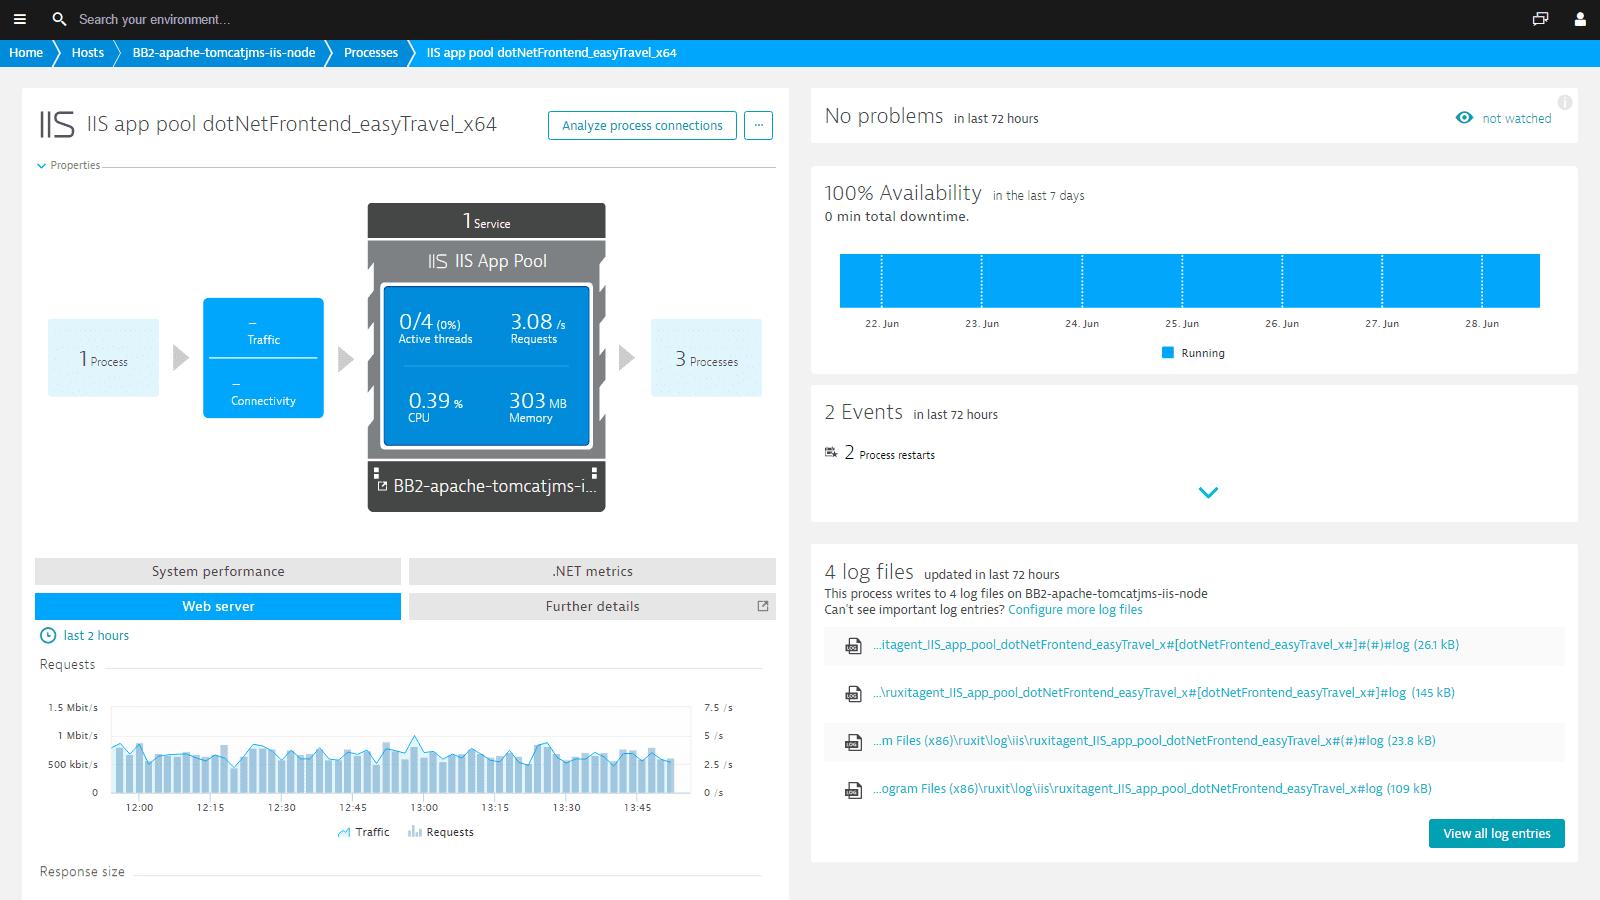 See IIS web server metrics.